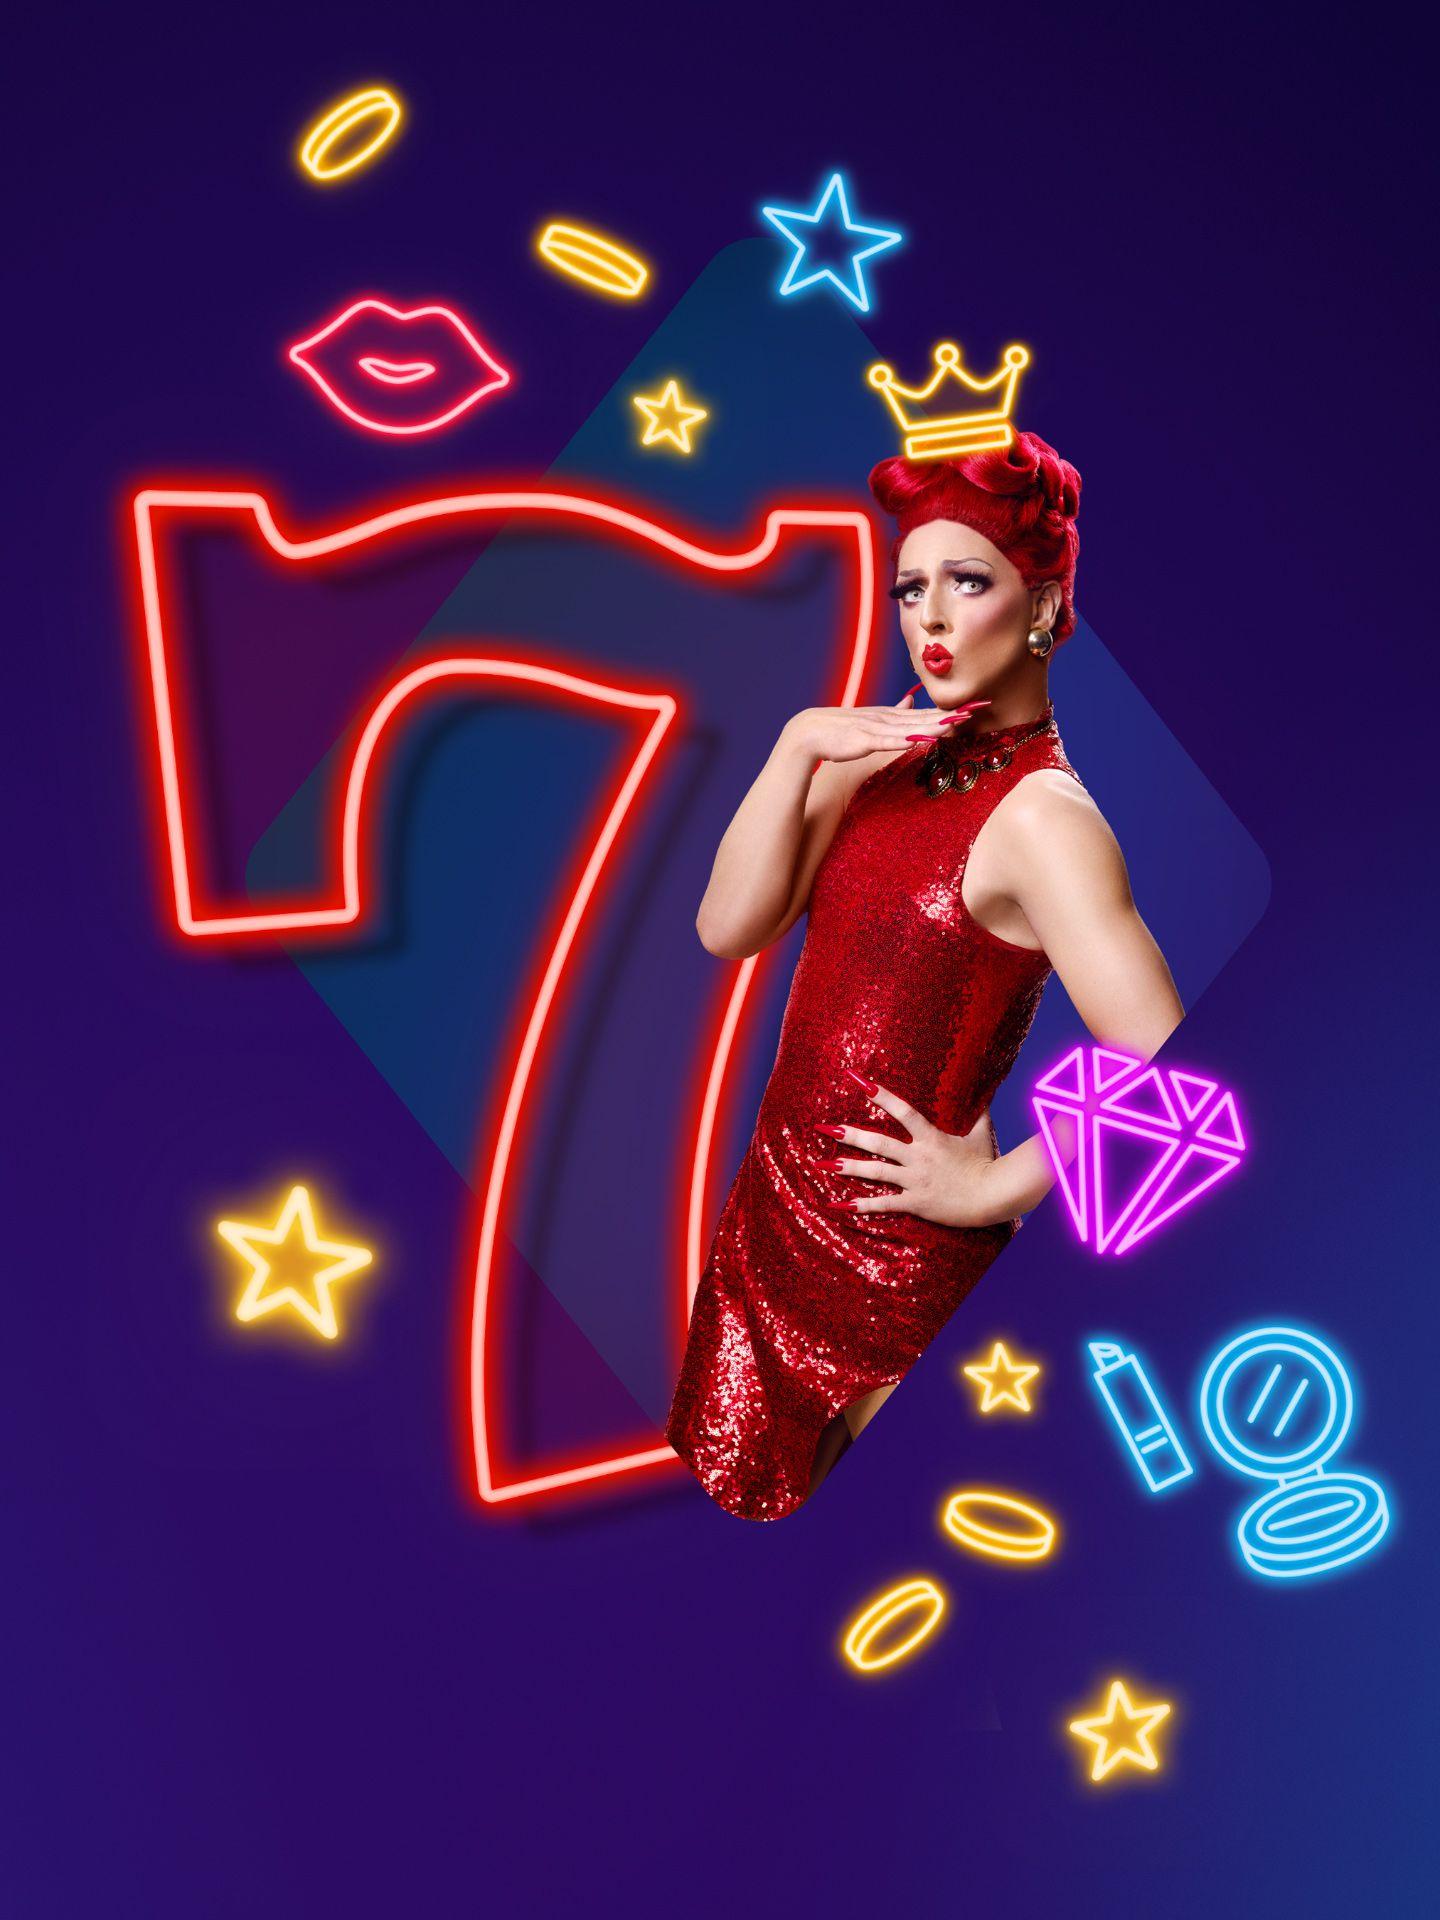 La dragqueen Gysèle pose en robe rouge pour le photographe Jocelyn Michel